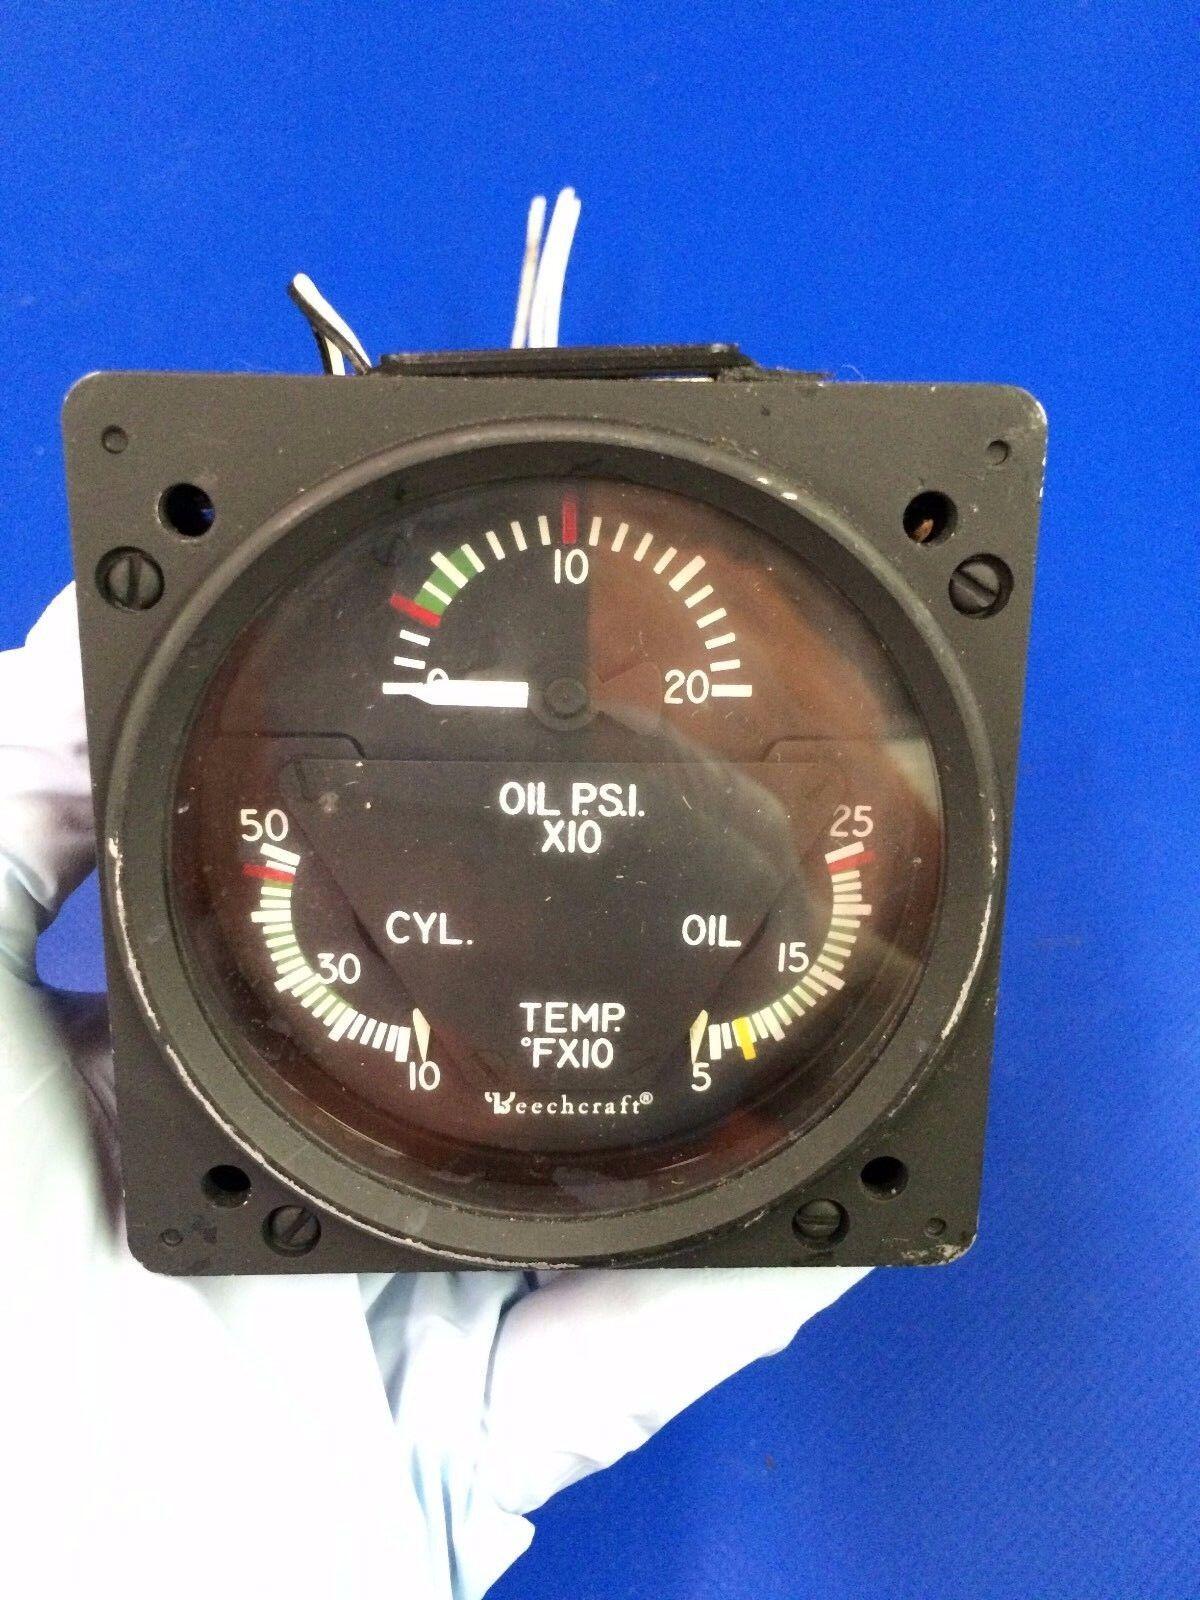 Beech Combo Engine Gauge P/N 96-384058-3 Alt P/N 22-804-032-11 (1016-89)